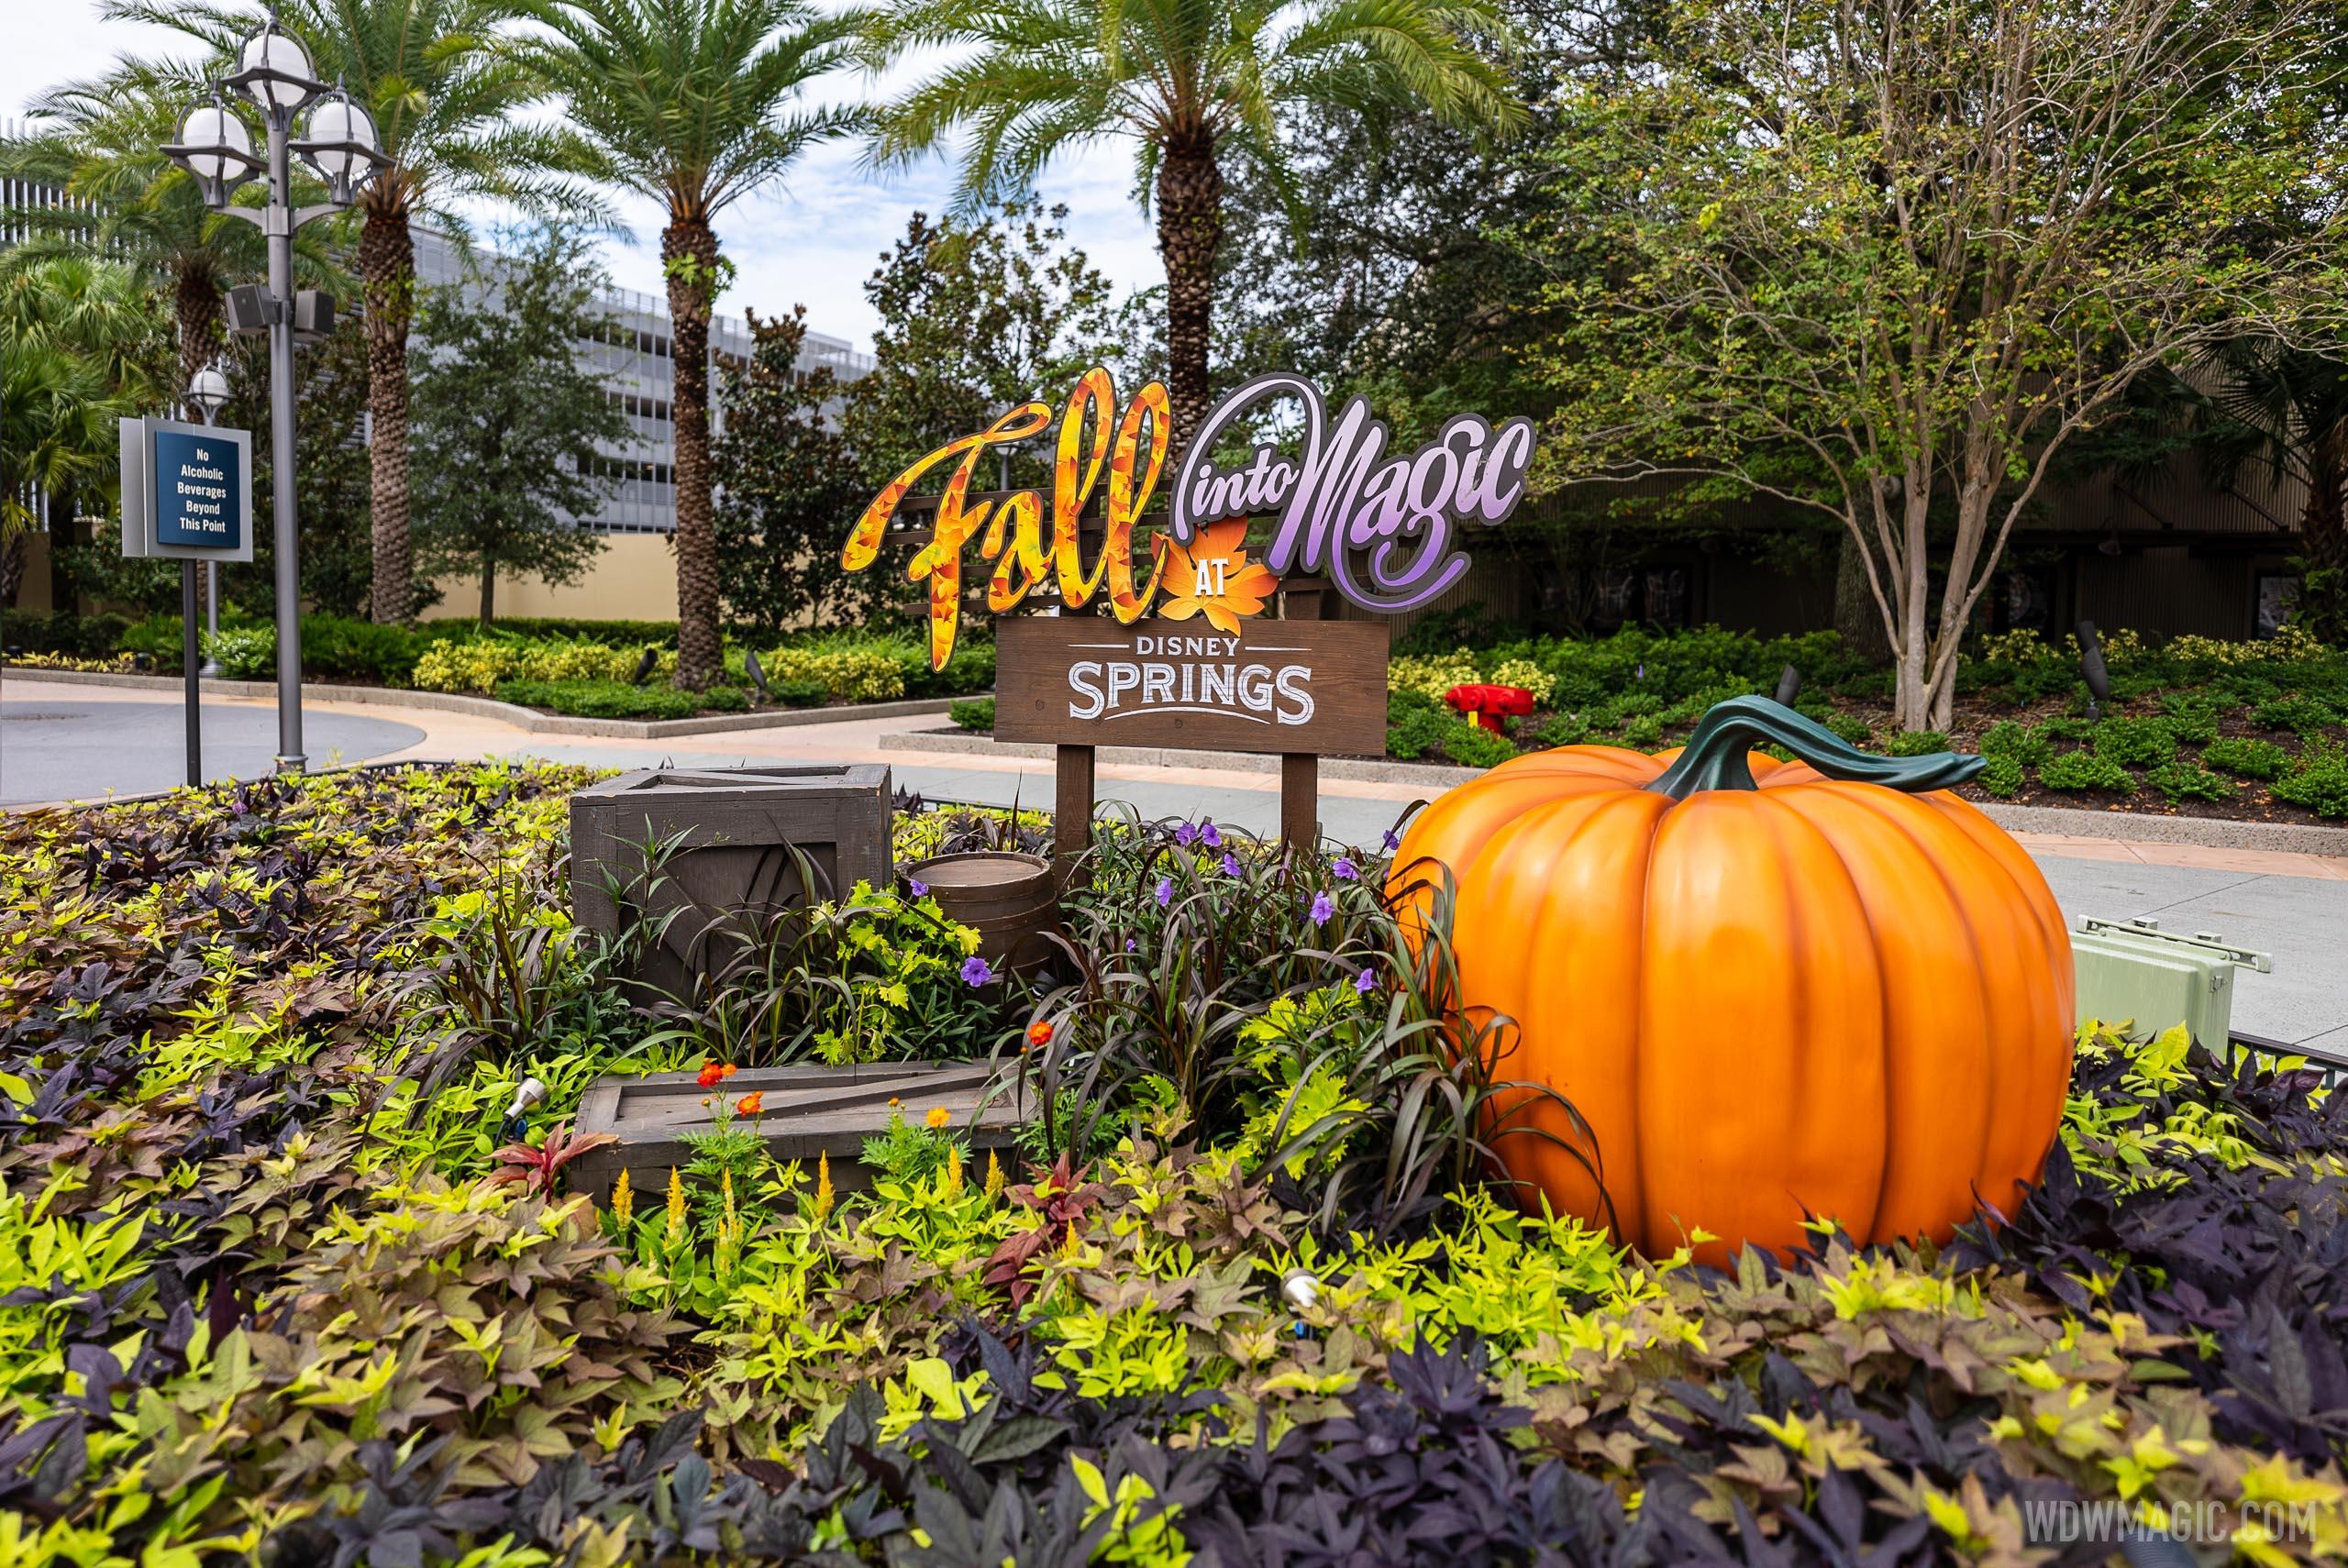 Fall into Magic at Disney Springs